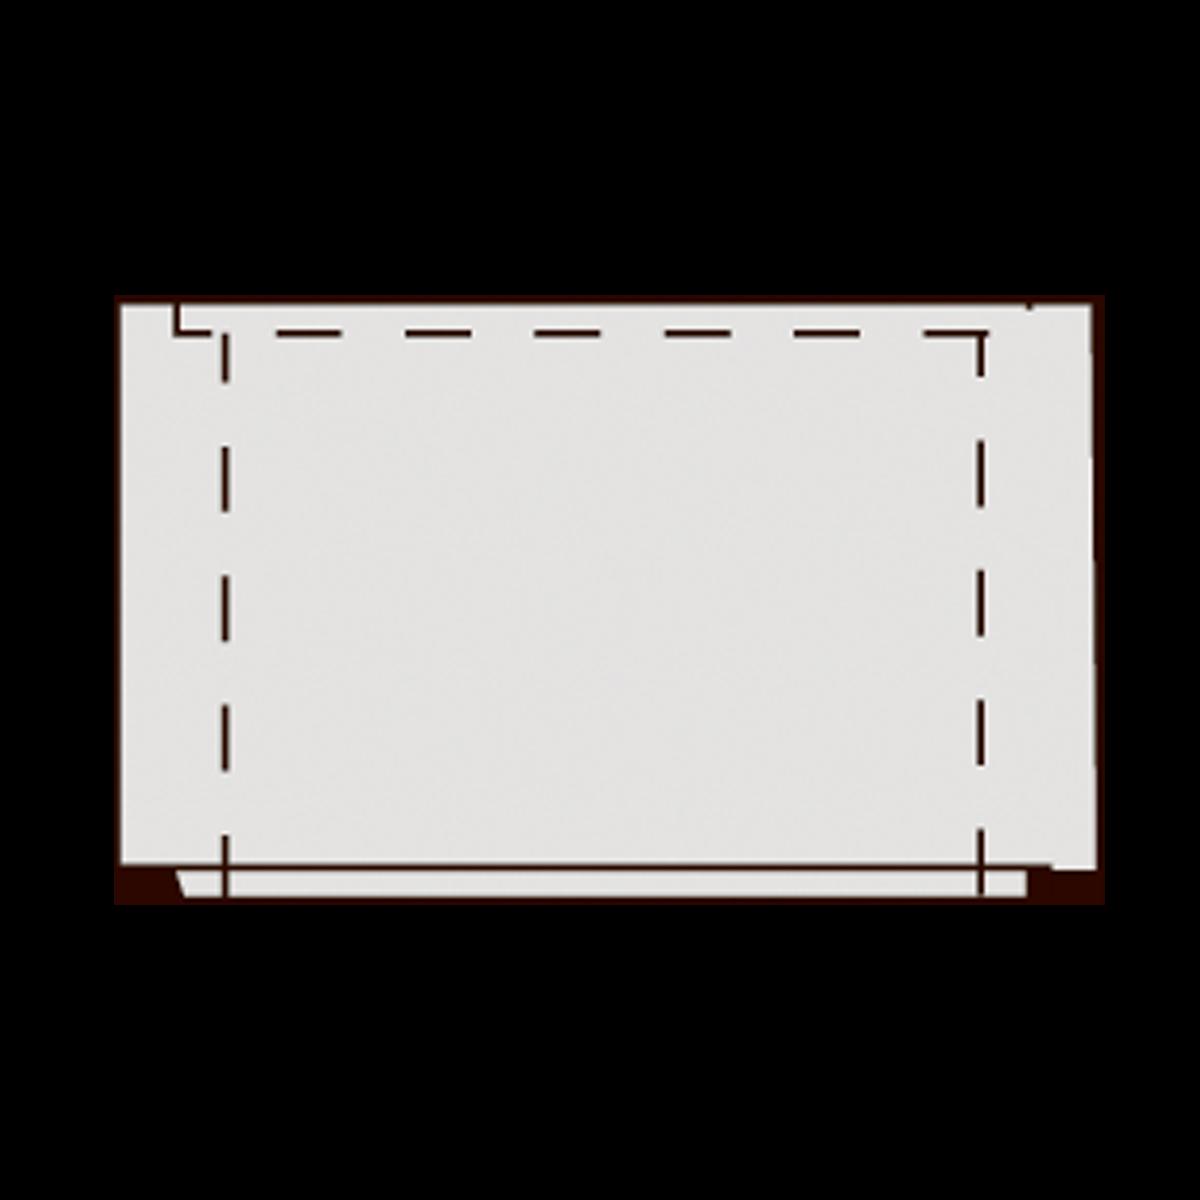 Mellemstykke til 40 cm vej- og tørbrønde, fals